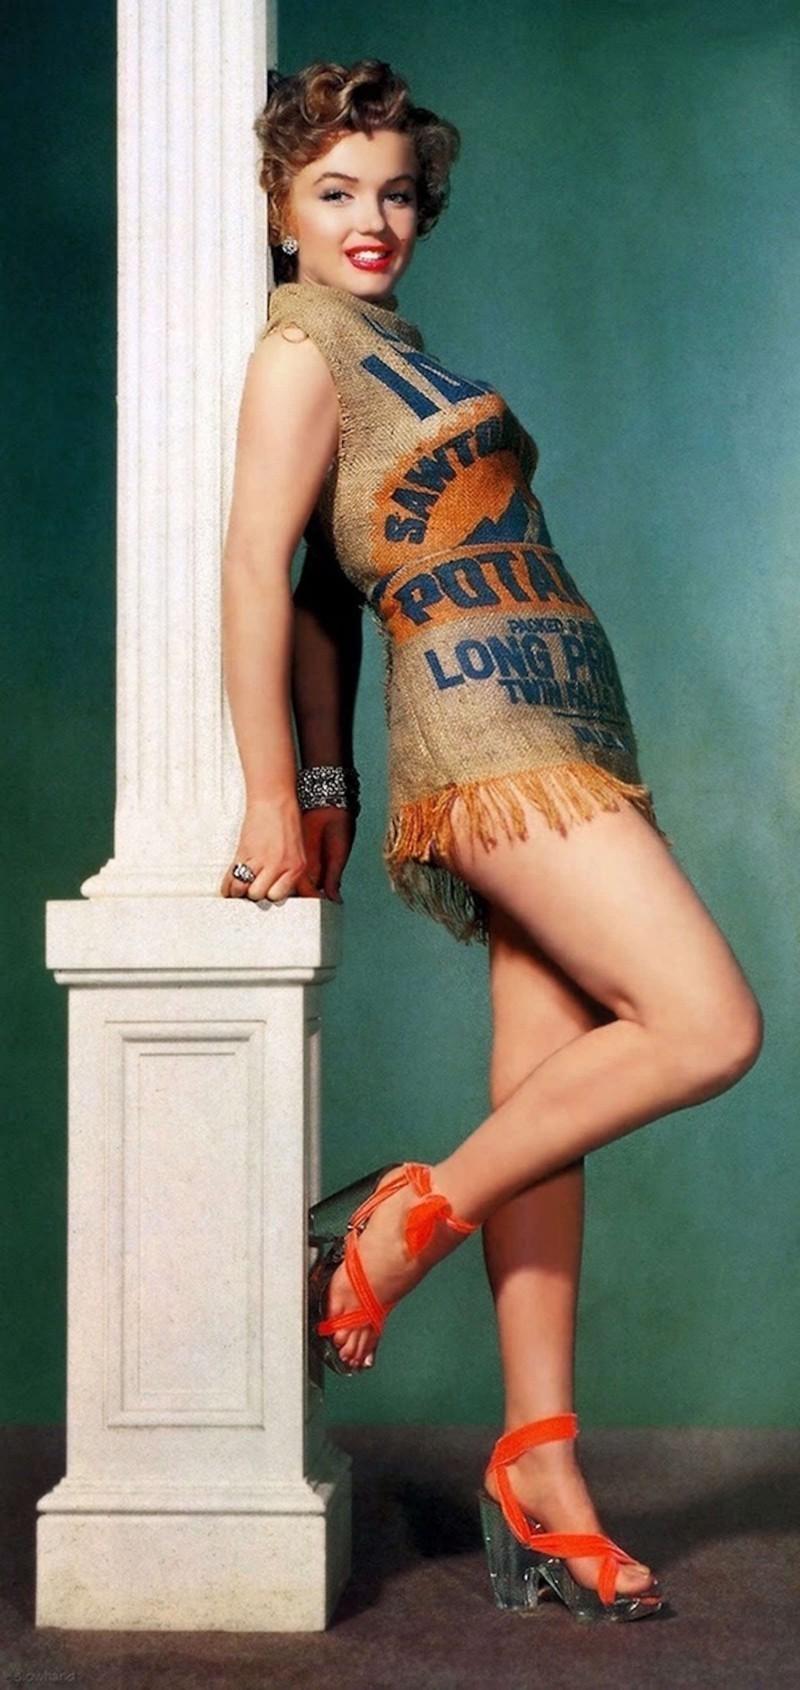 Фото Мэрилин в этом платье вызвали восторг публики